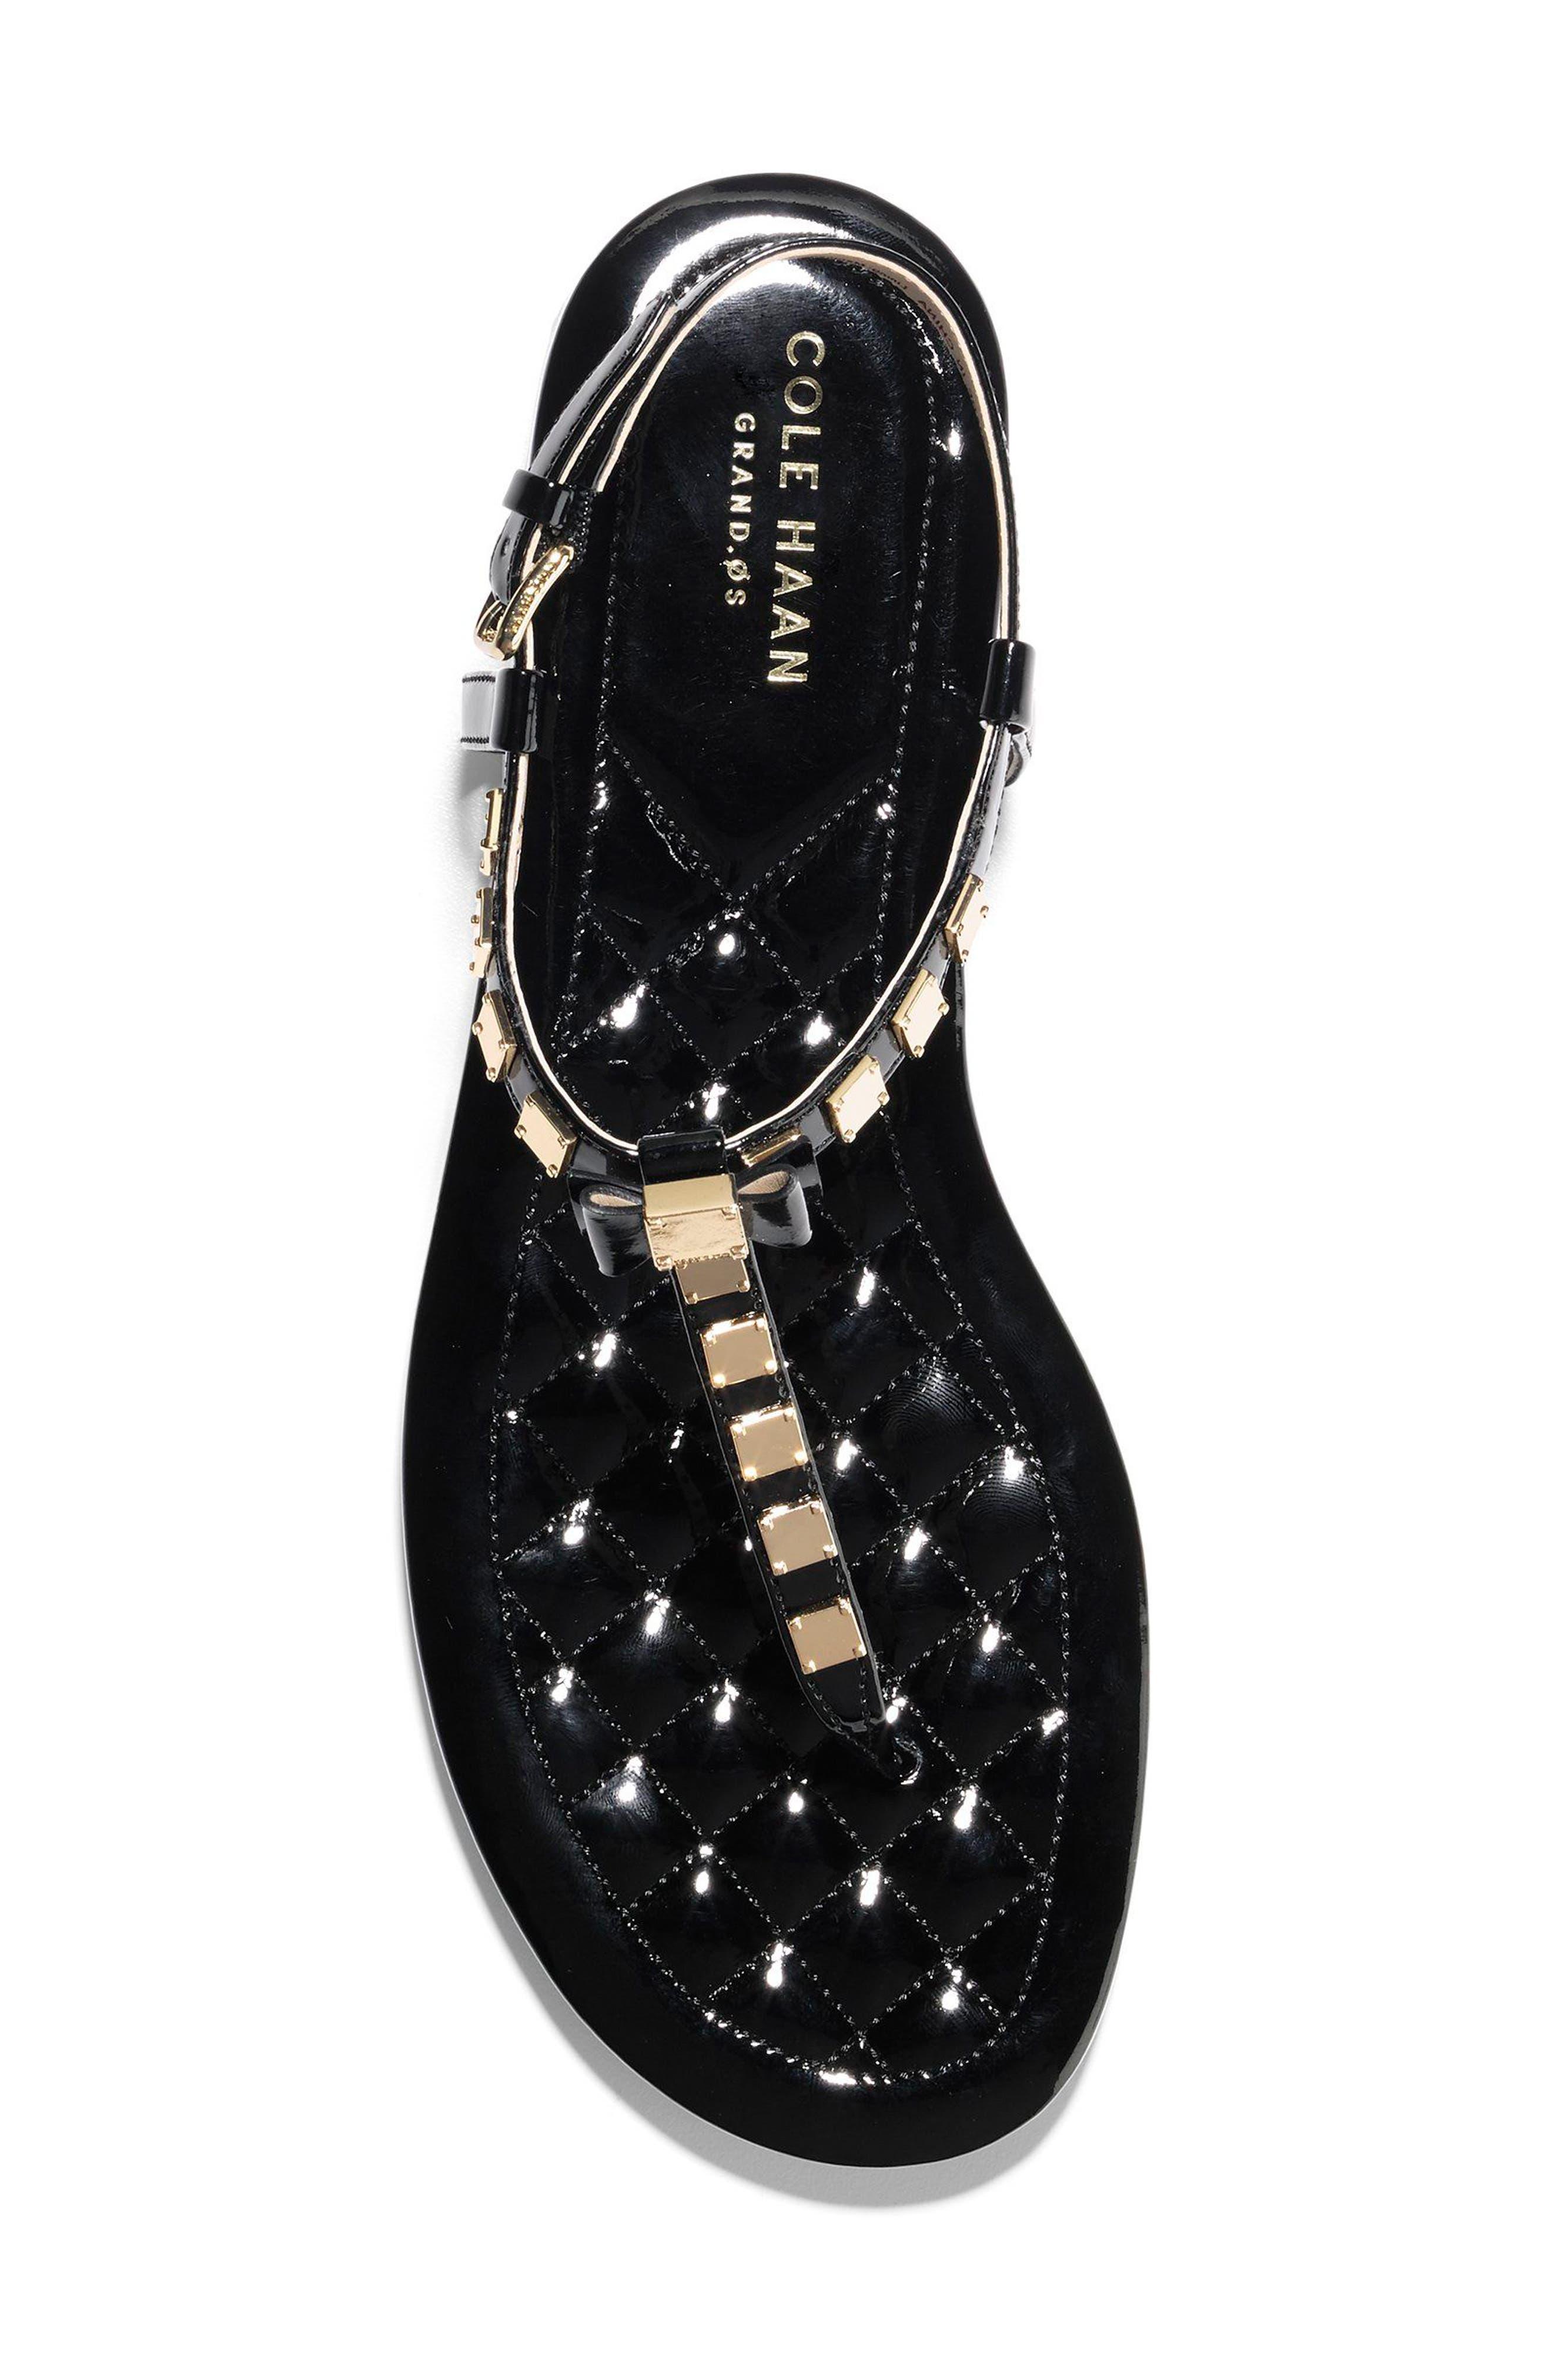 Tali Mini Bow Sandal,                             Alternate thumbnail 5, color,                             Black Patent